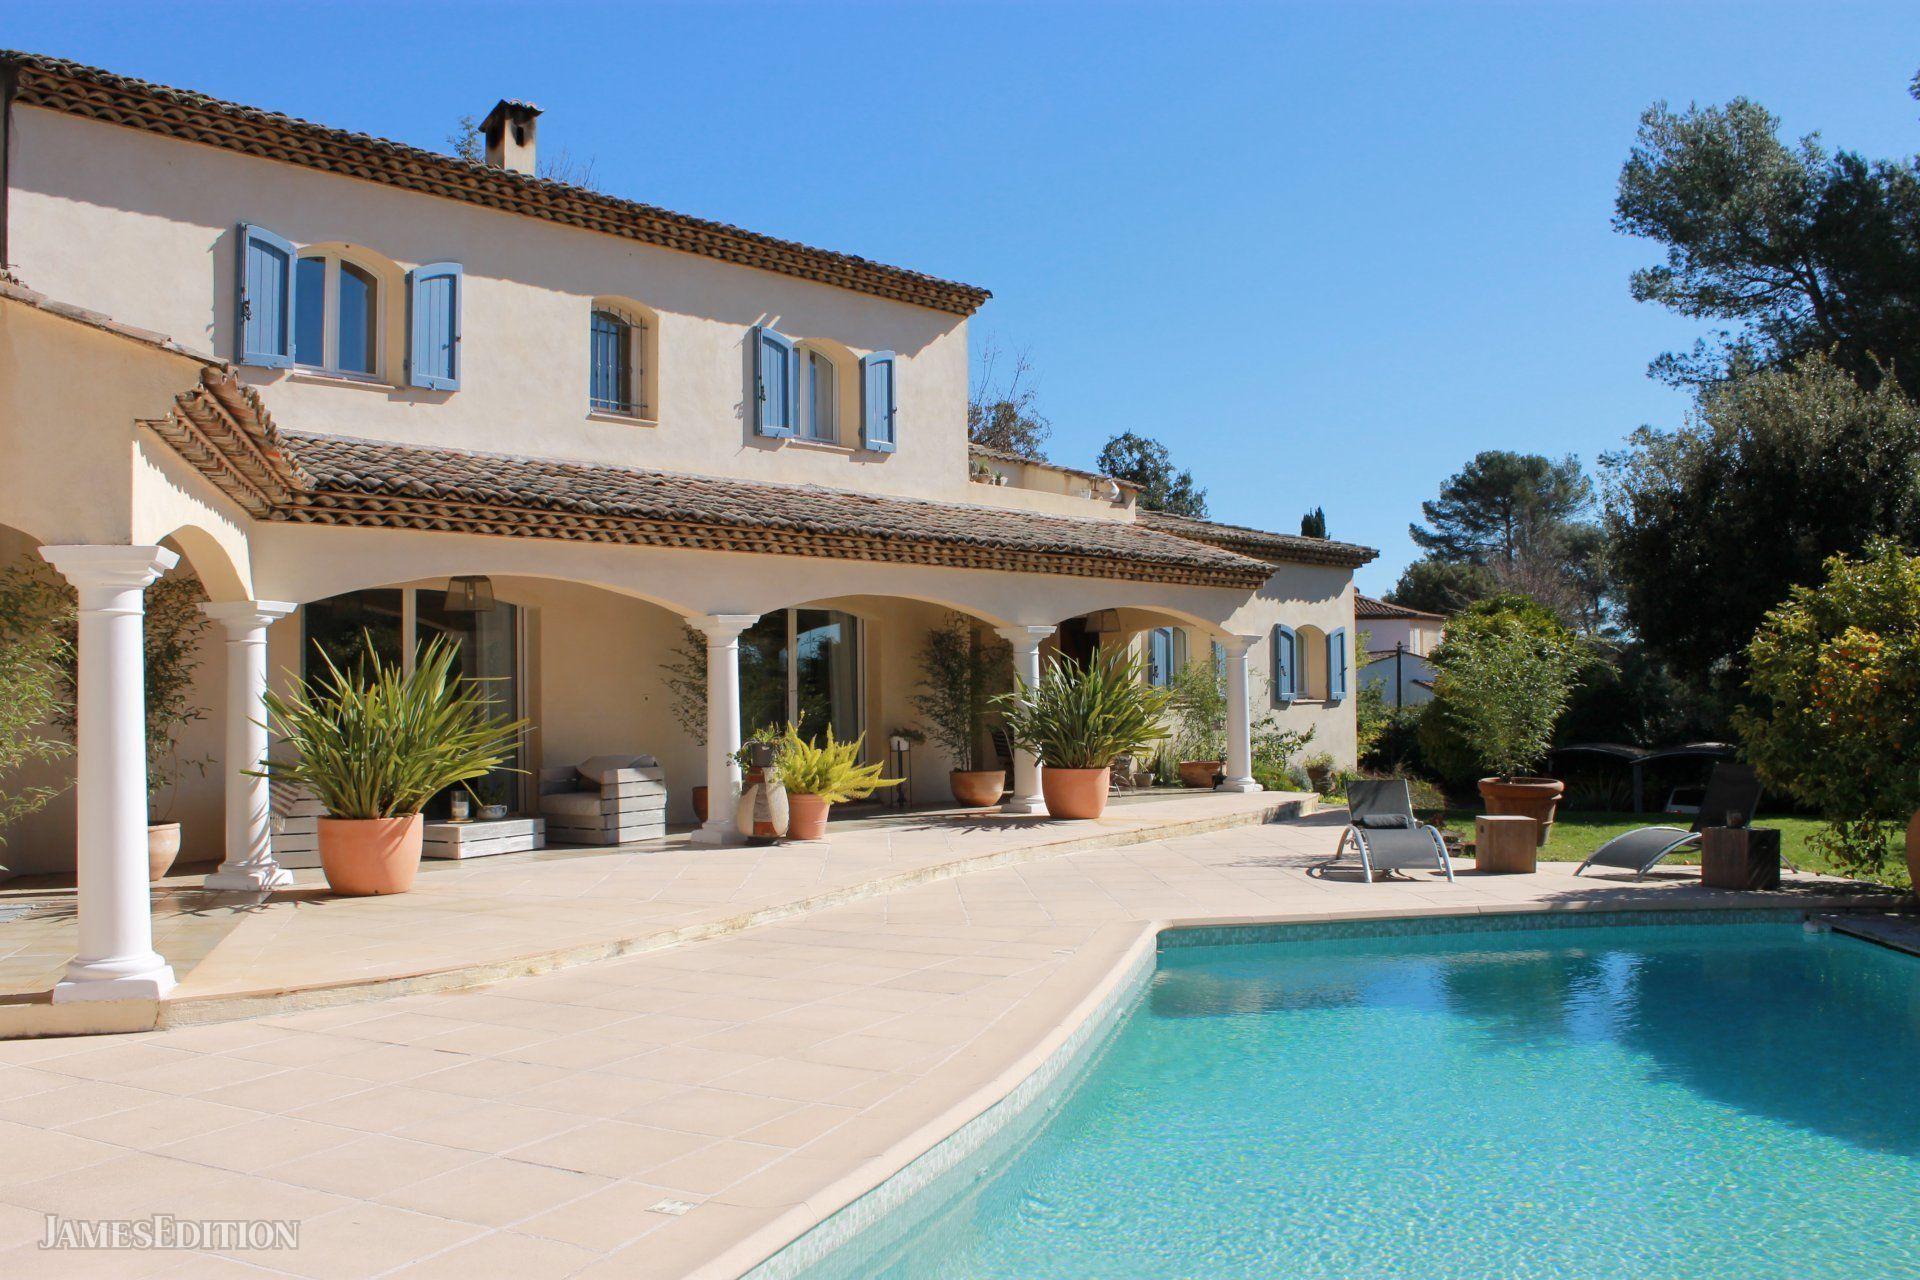 Villa in Roquefort-les-Pins, Provence-Alpes-Côte d'Azur, France 1